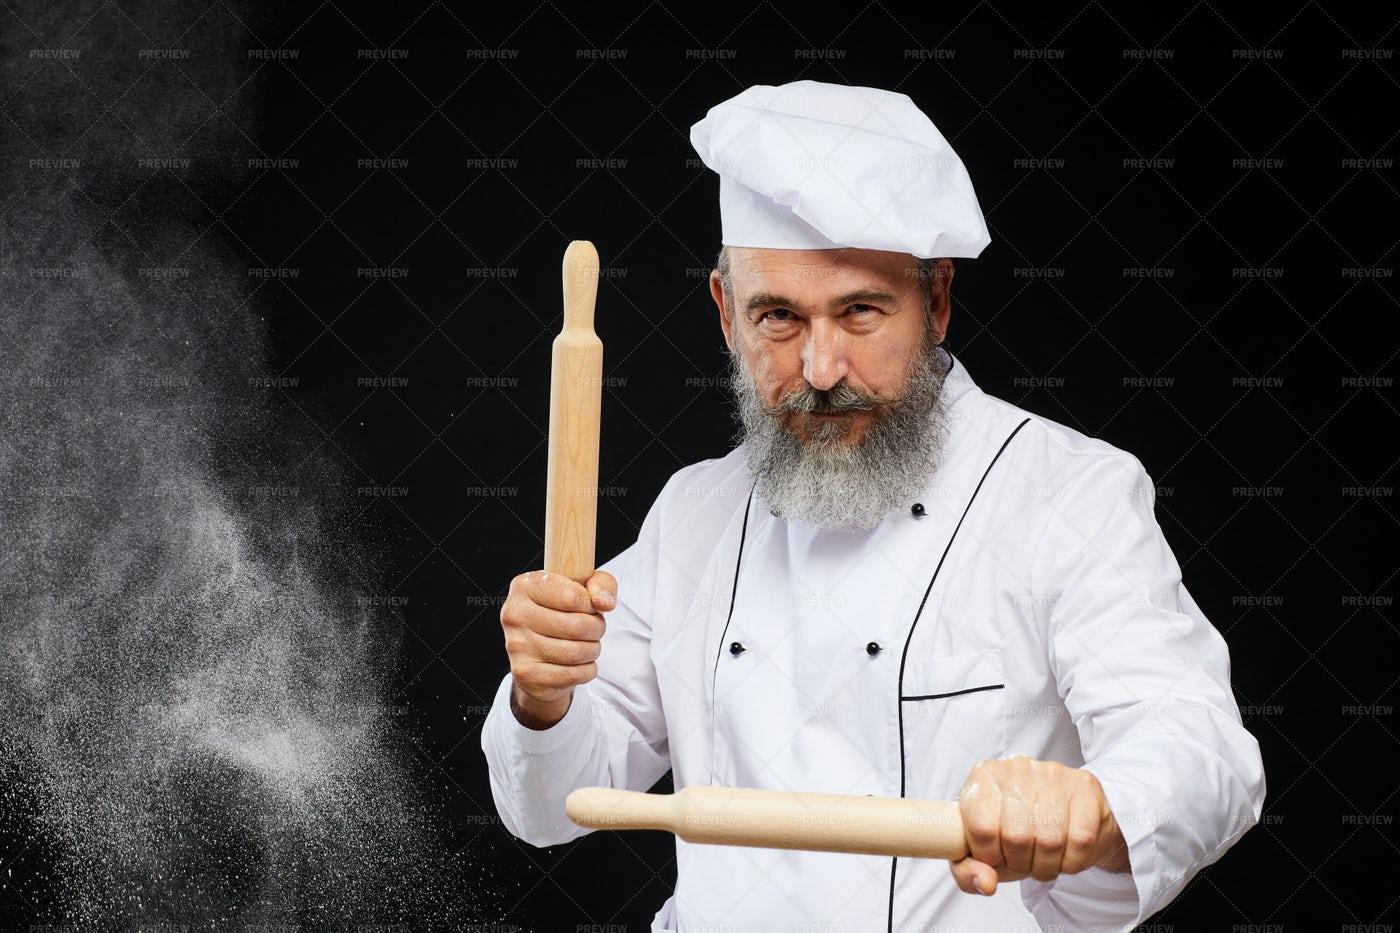 Bearded Senior Baker Posing On...: Stock Photos